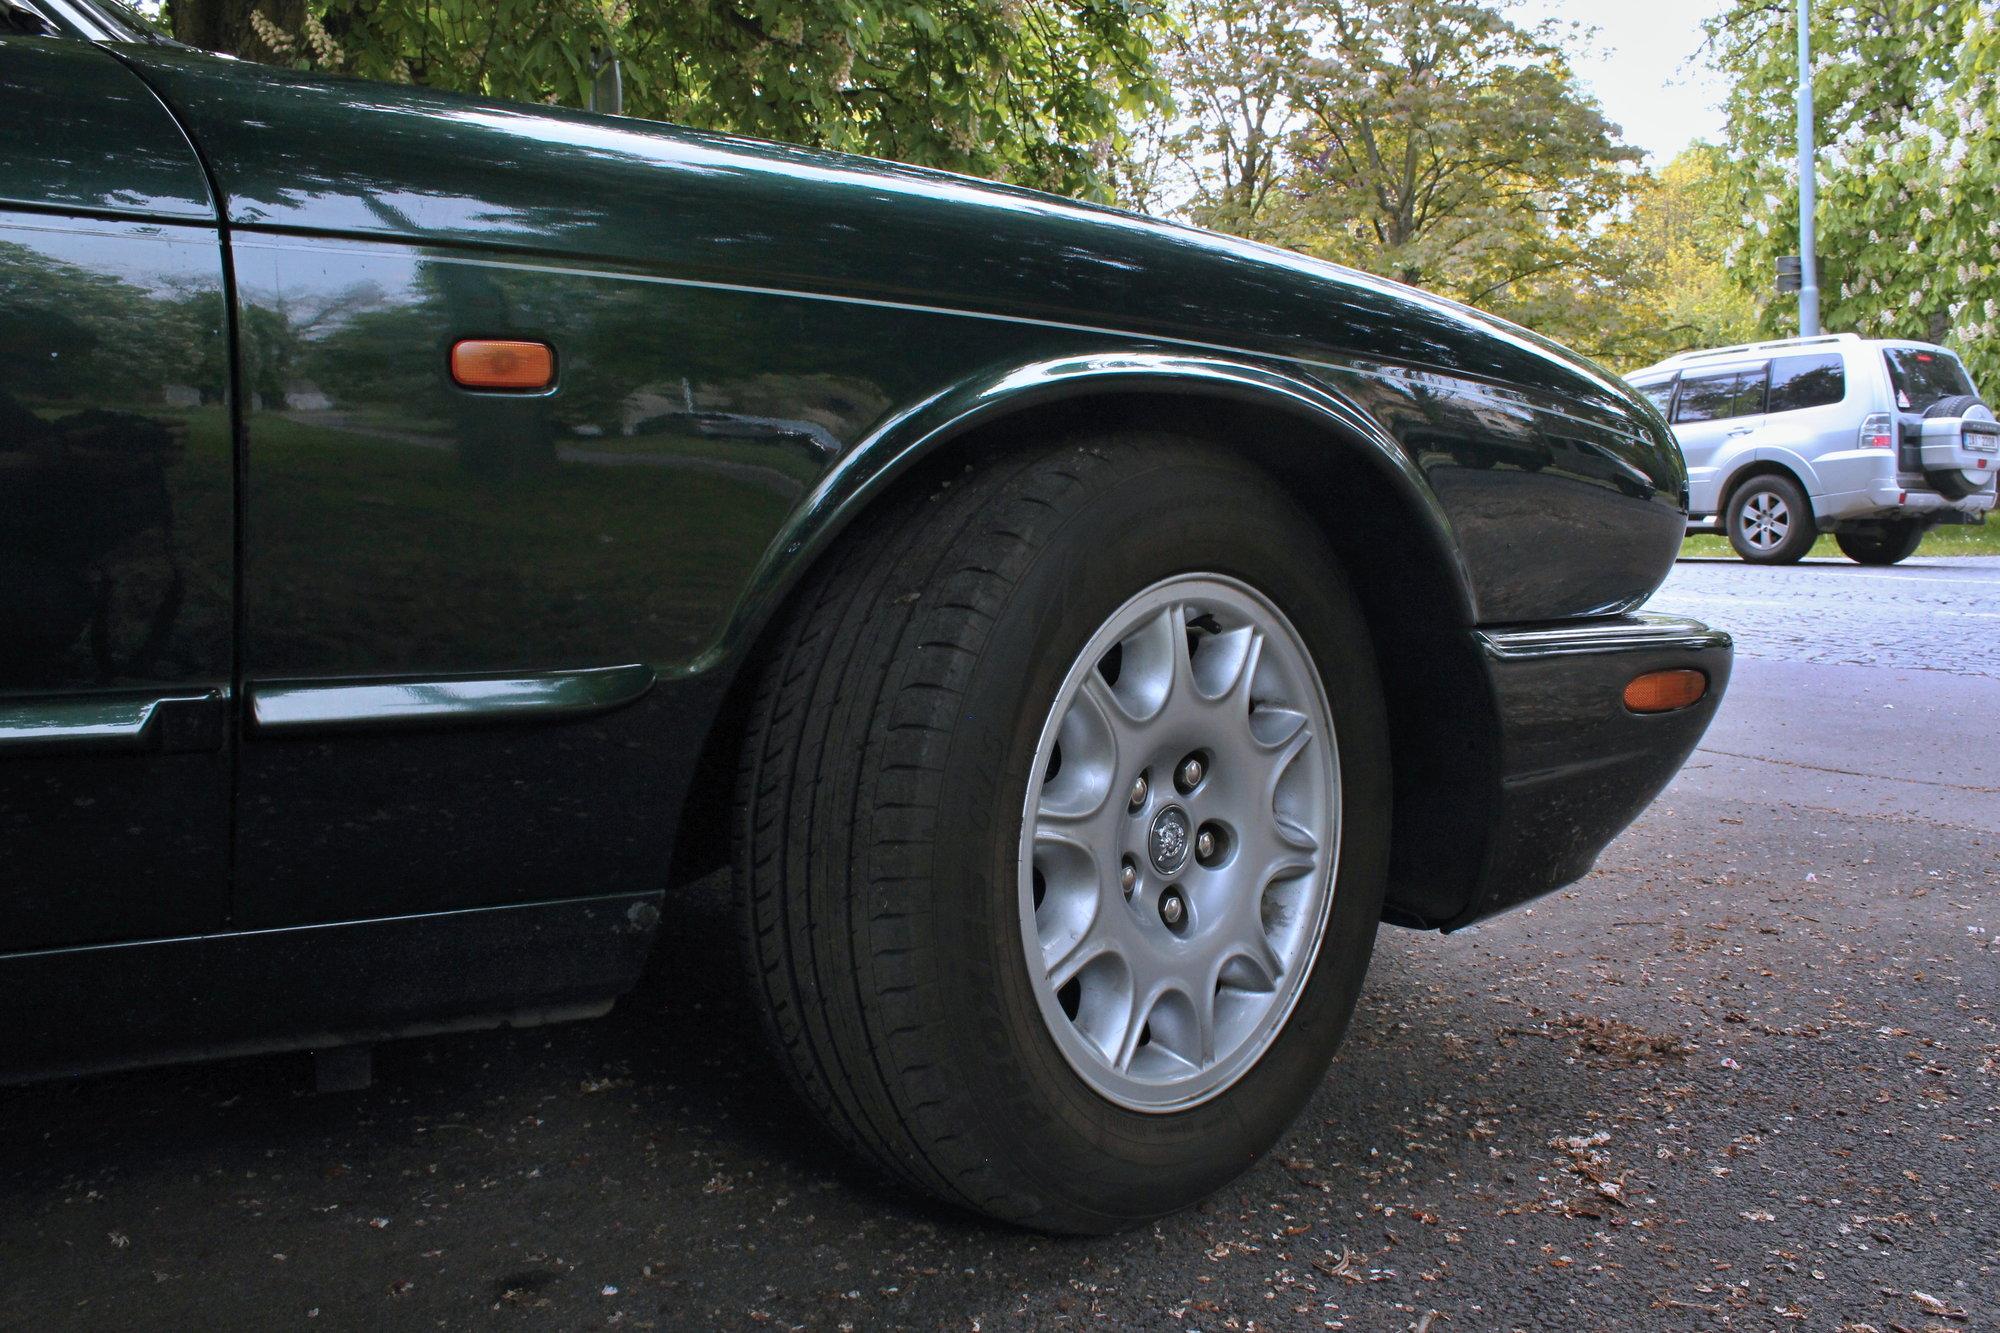 16 palcová kola na originálních discích Jaguar pomáhají zvýšit komfort i na kostkách a rozbitých silnicích